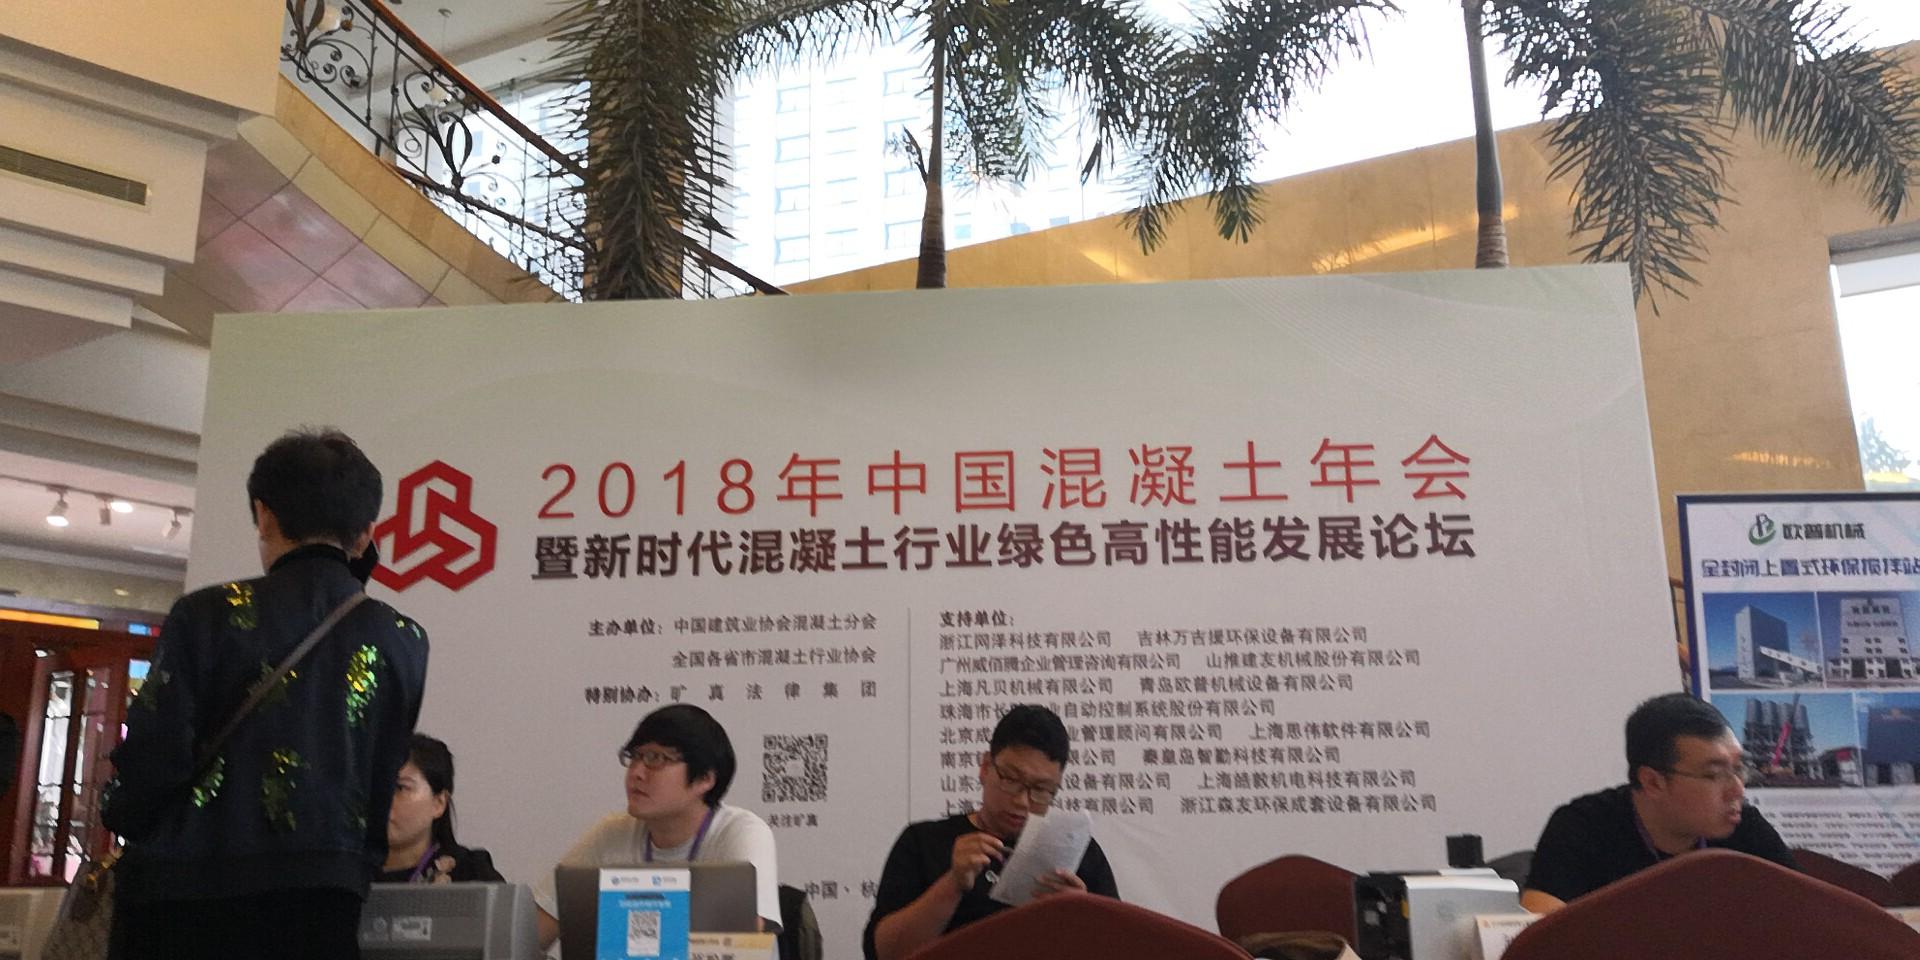 2018年中国混凝土年会在浙江杭州召开!